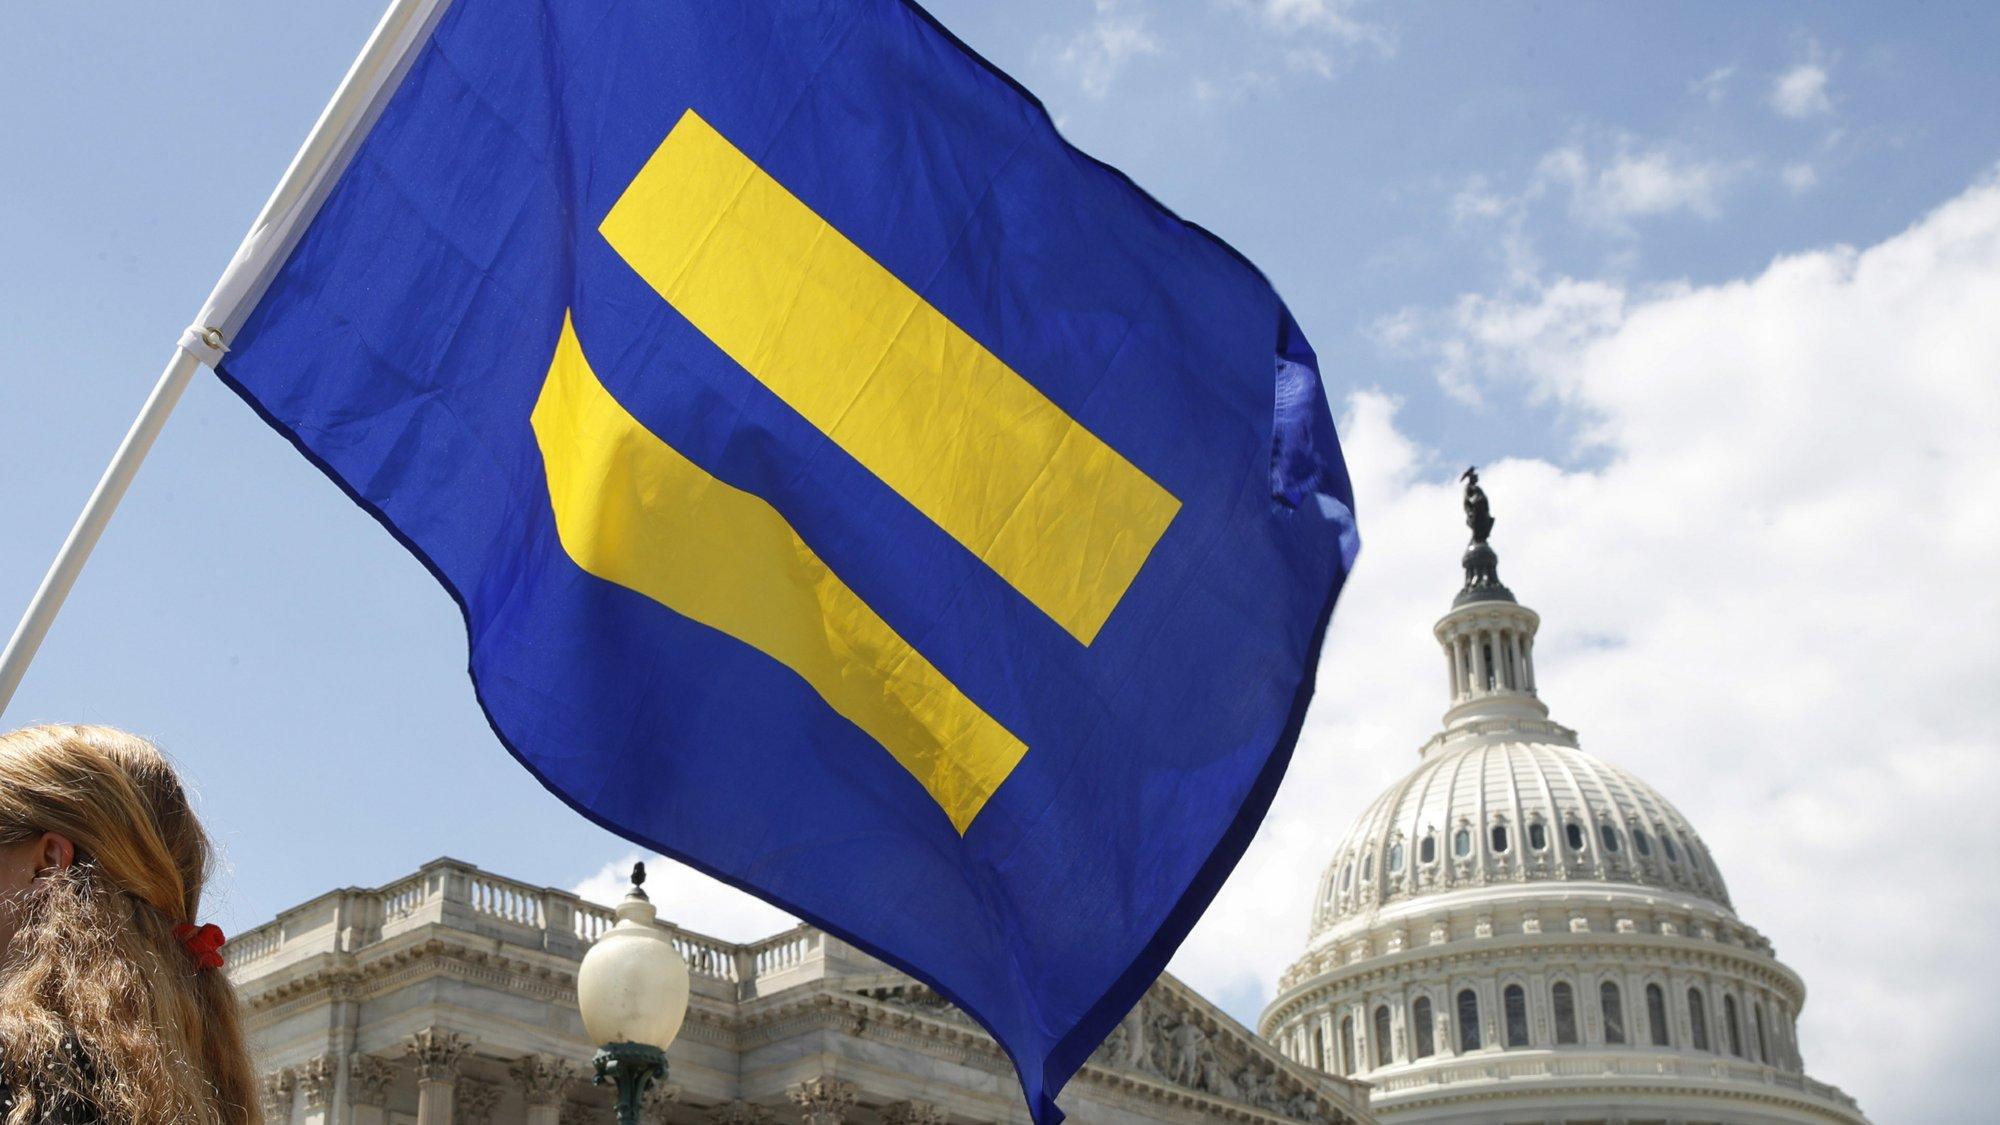 equalityflag_1543034853029.jpg